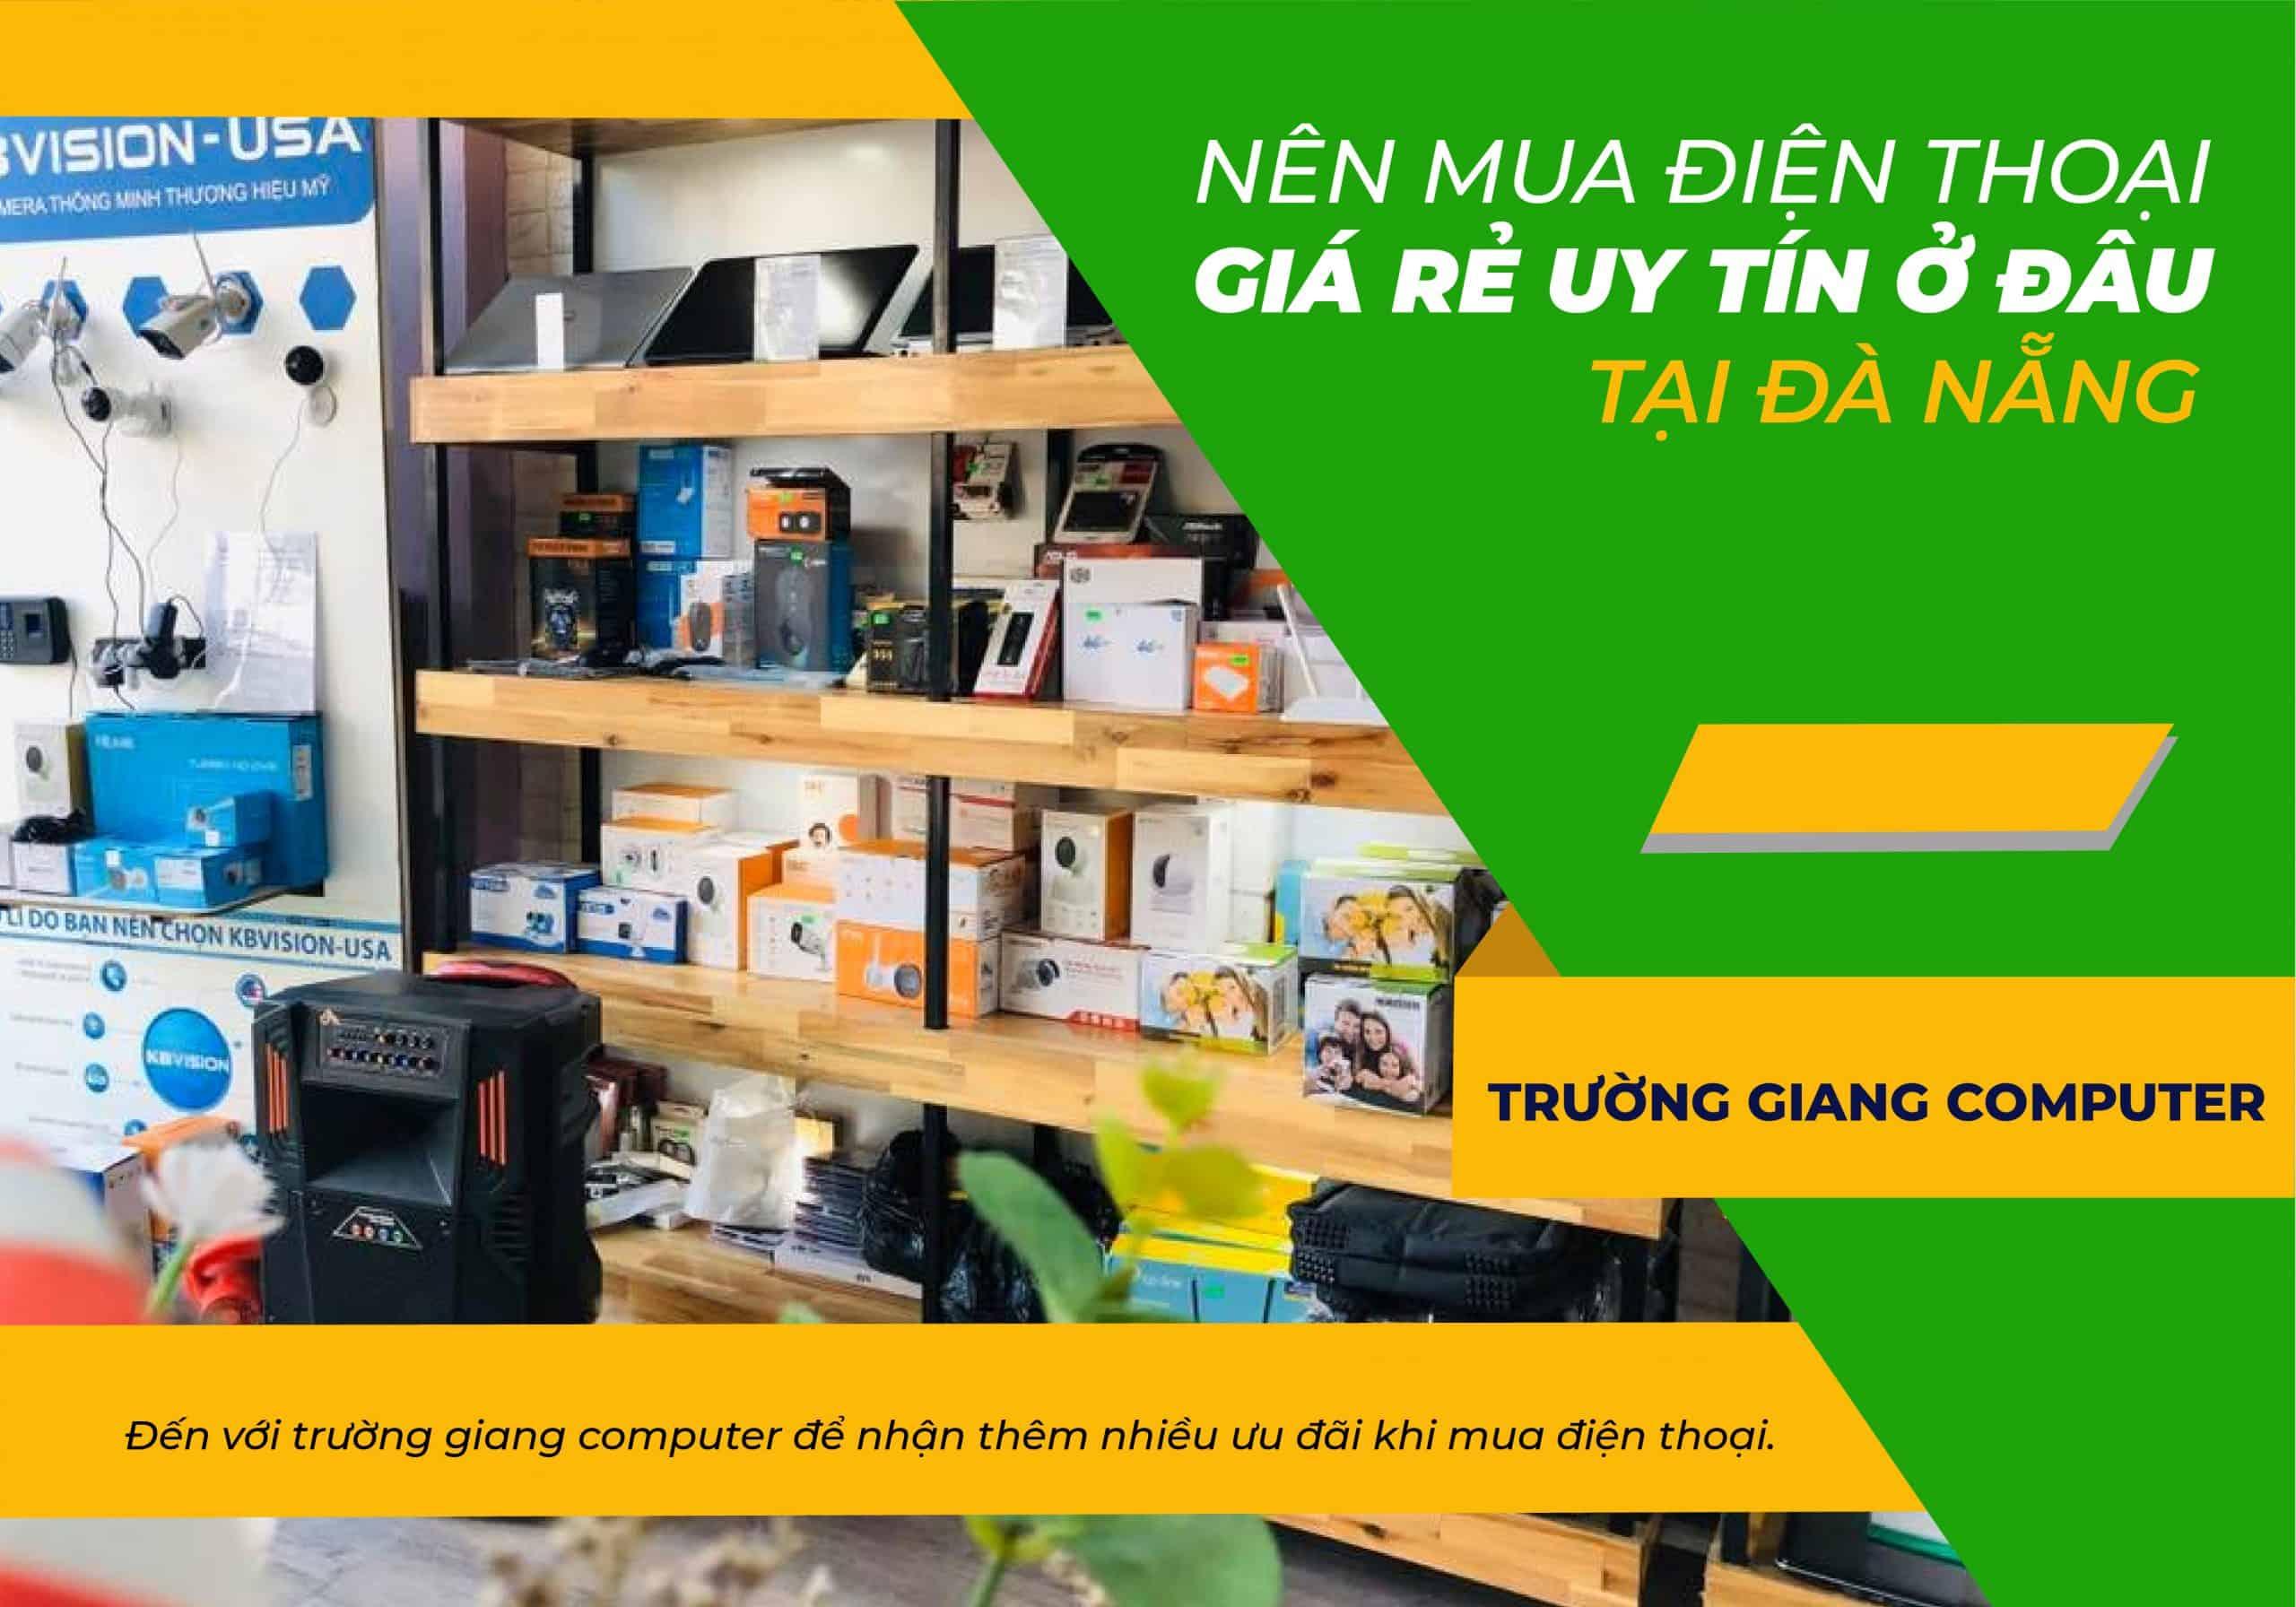 Nên mua điện thoại giá rẻ uy tín ở đâu tại Đà Nẵng